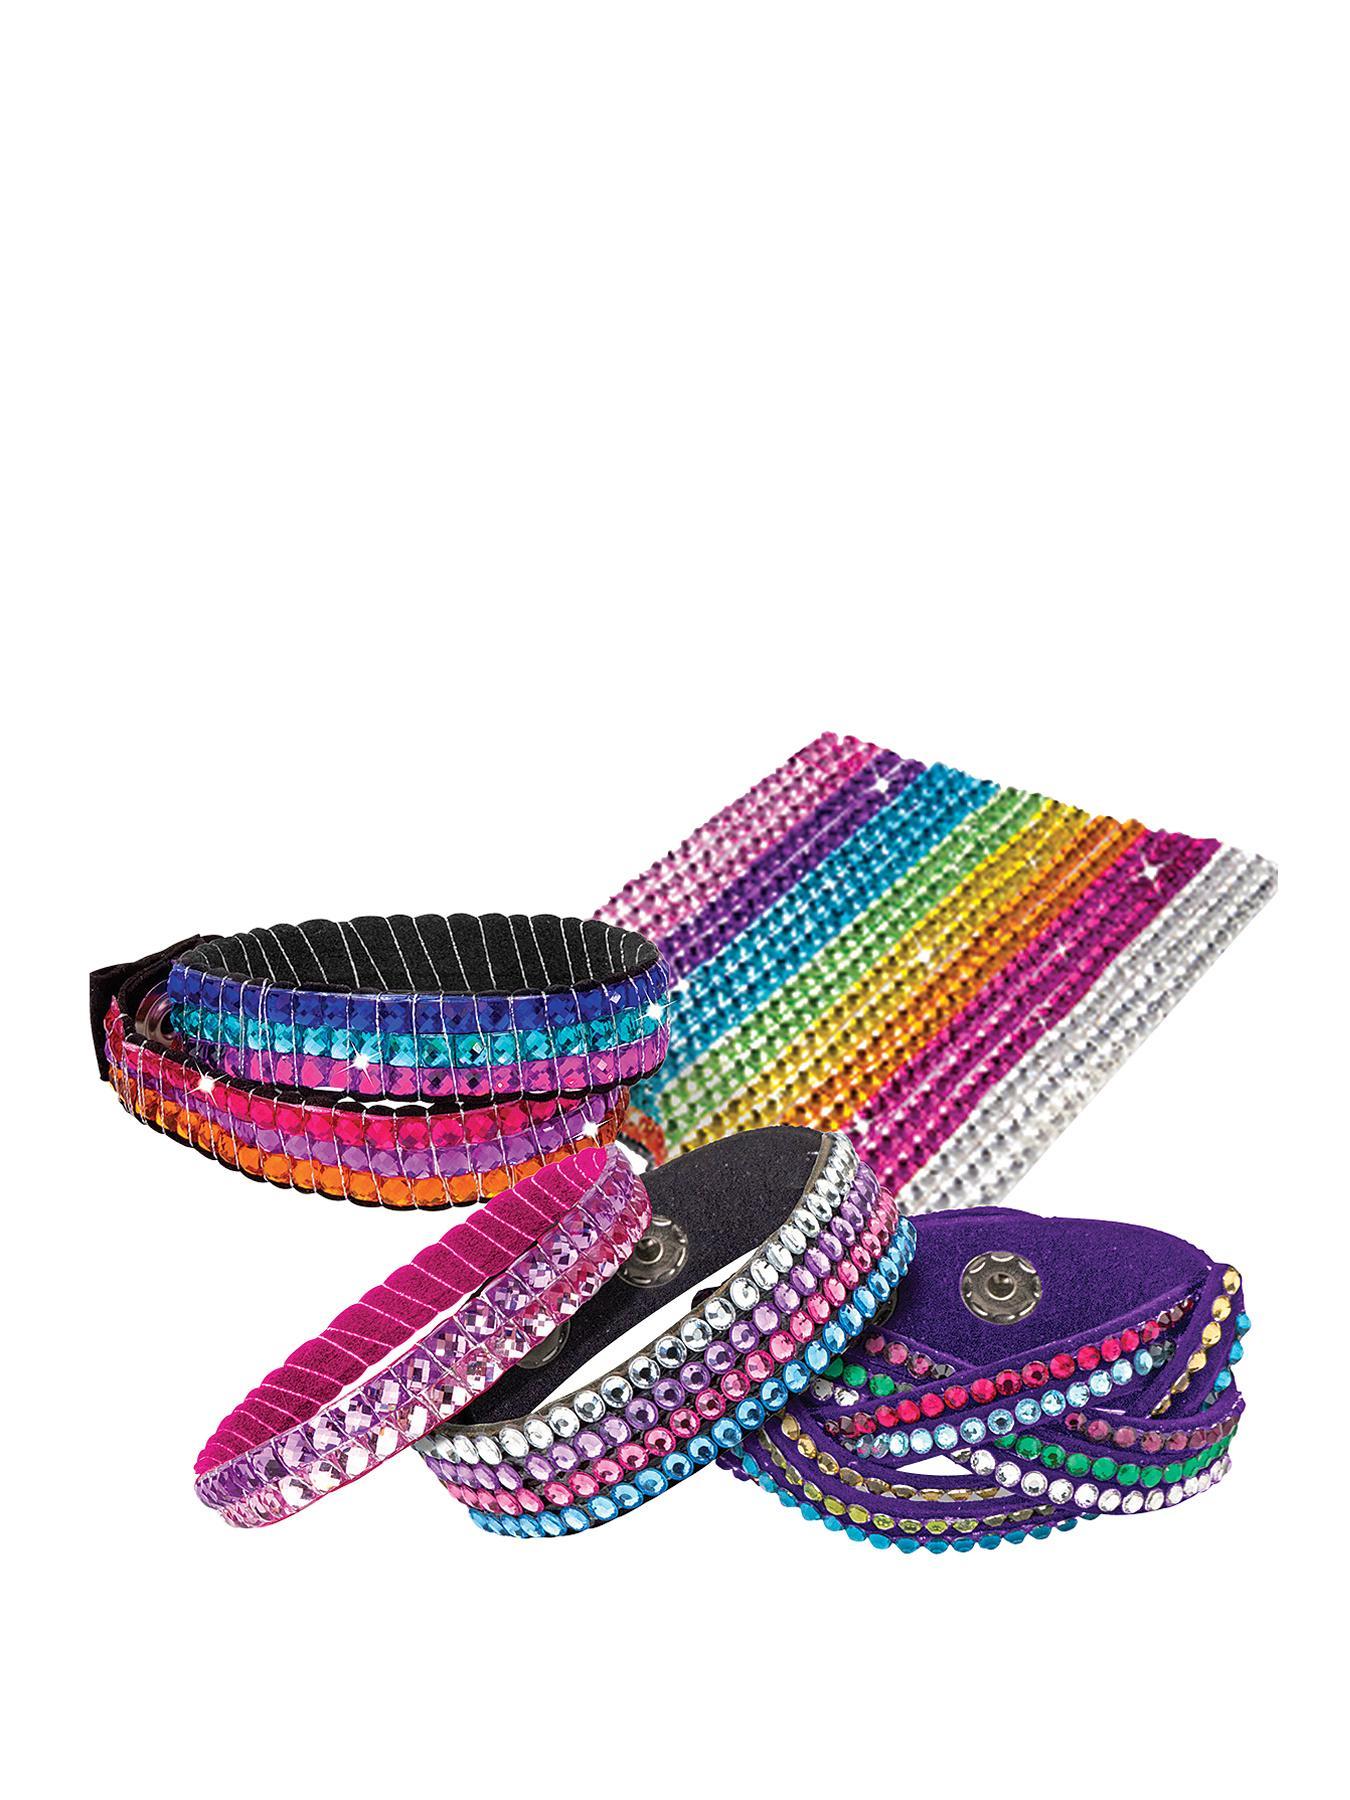 Crystal Craze Cuff Bracelets